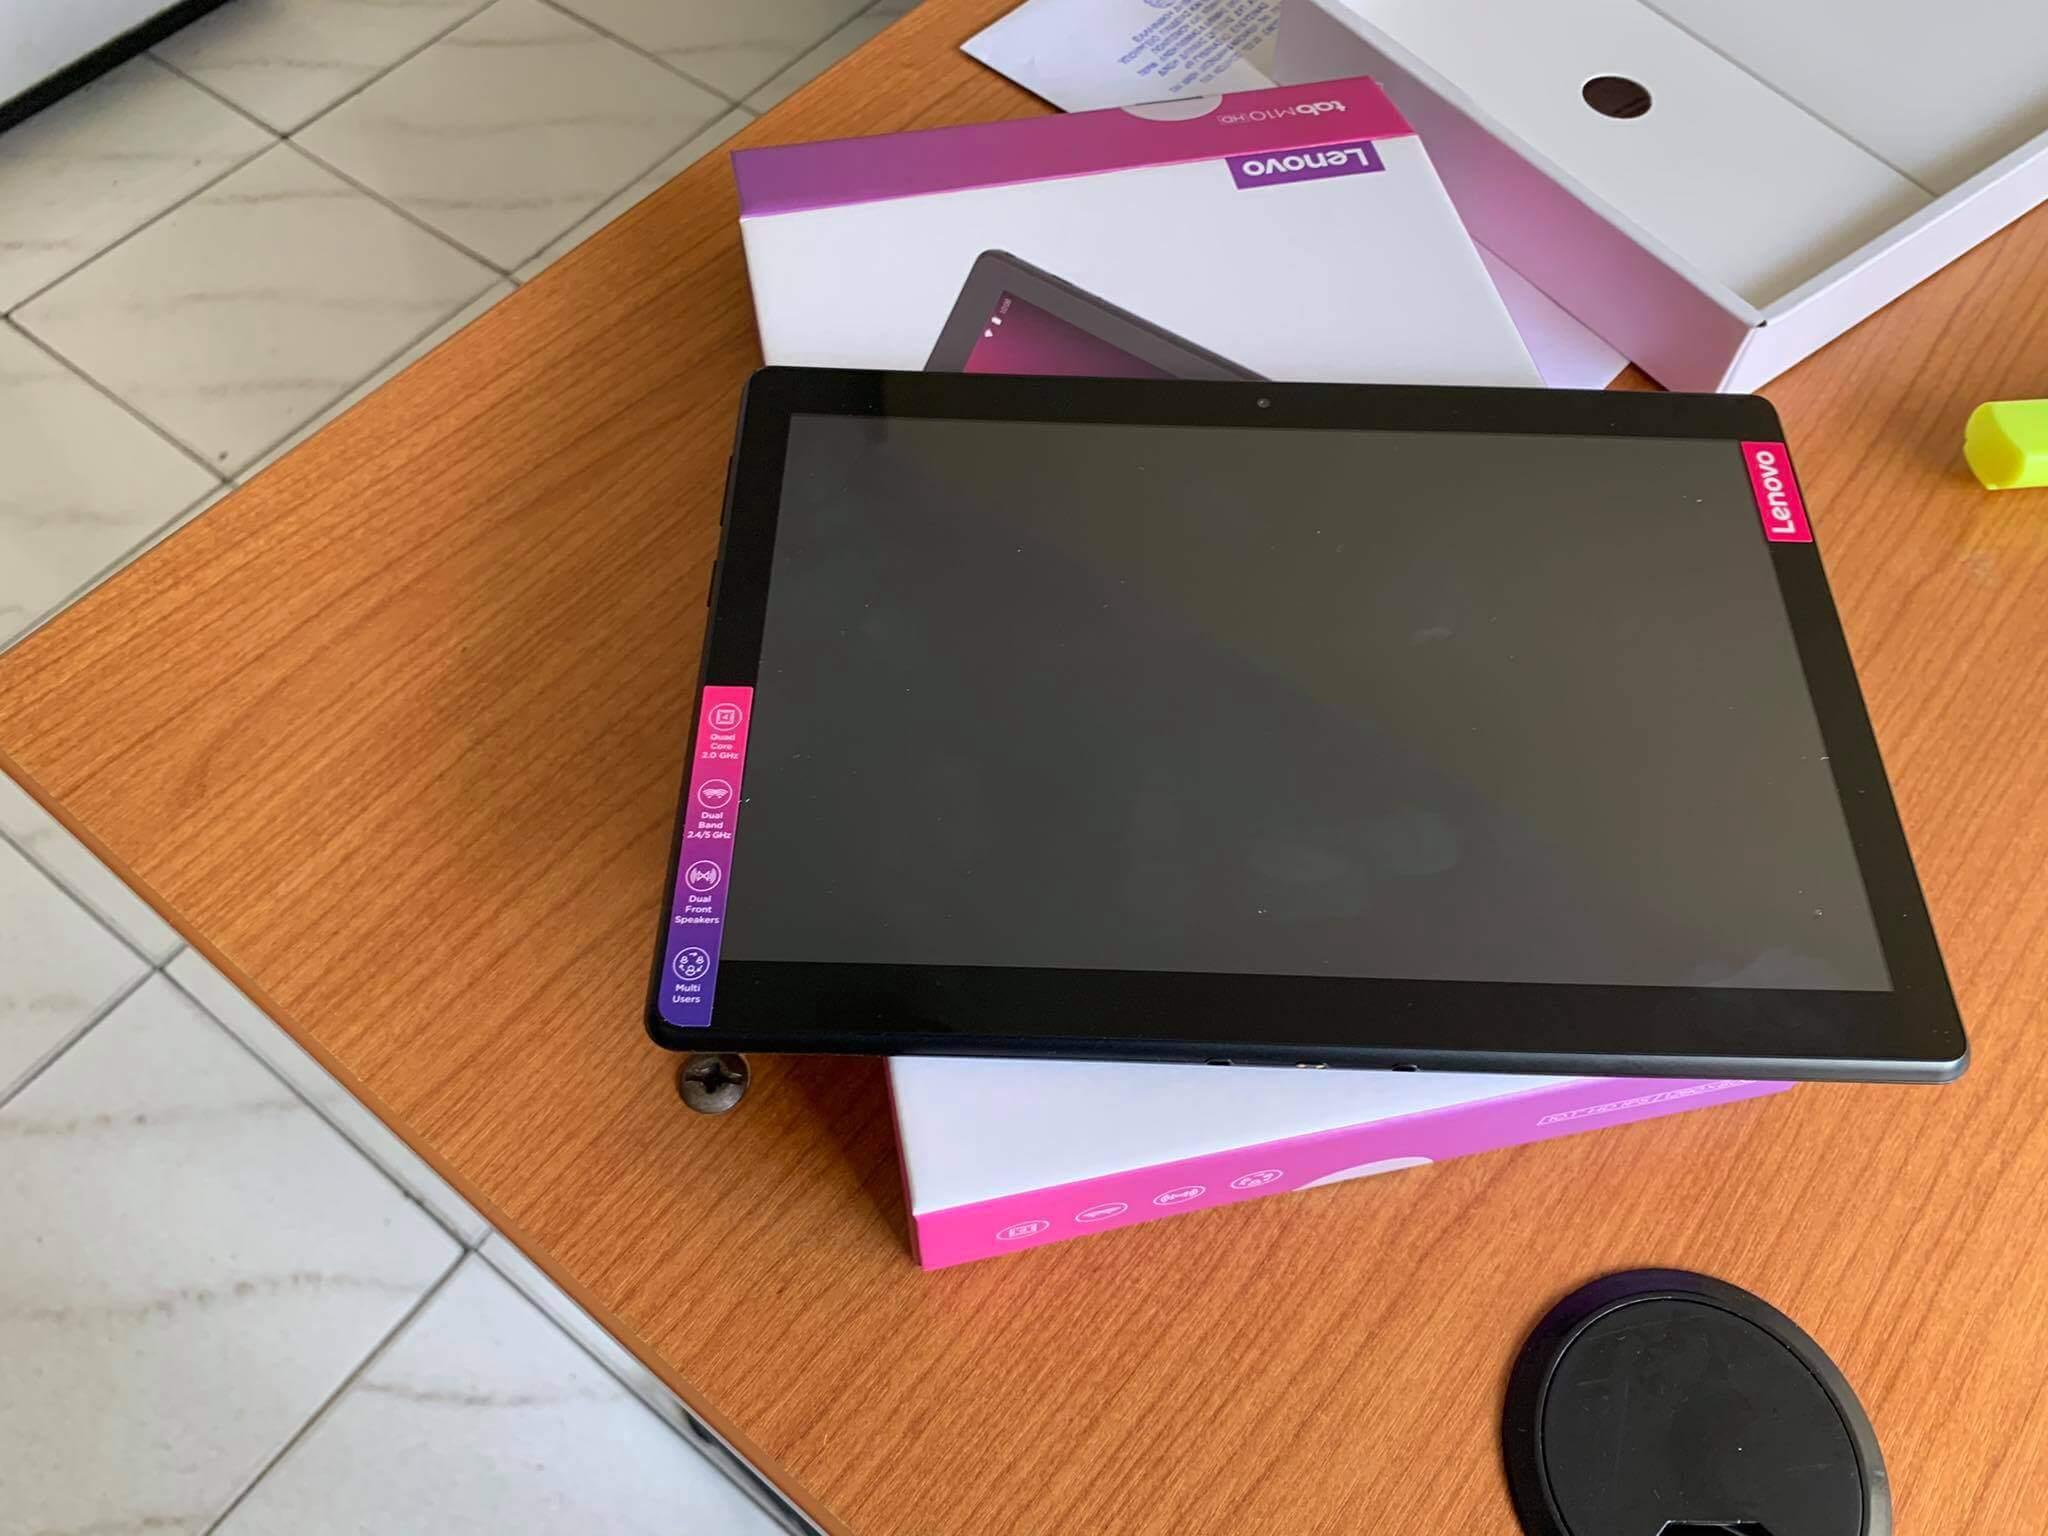 Δωρεάν tablet σε μαθητές από τον Δήμο Ελευσίνας για τις ανάγκες της τηλεκπαίδευσης